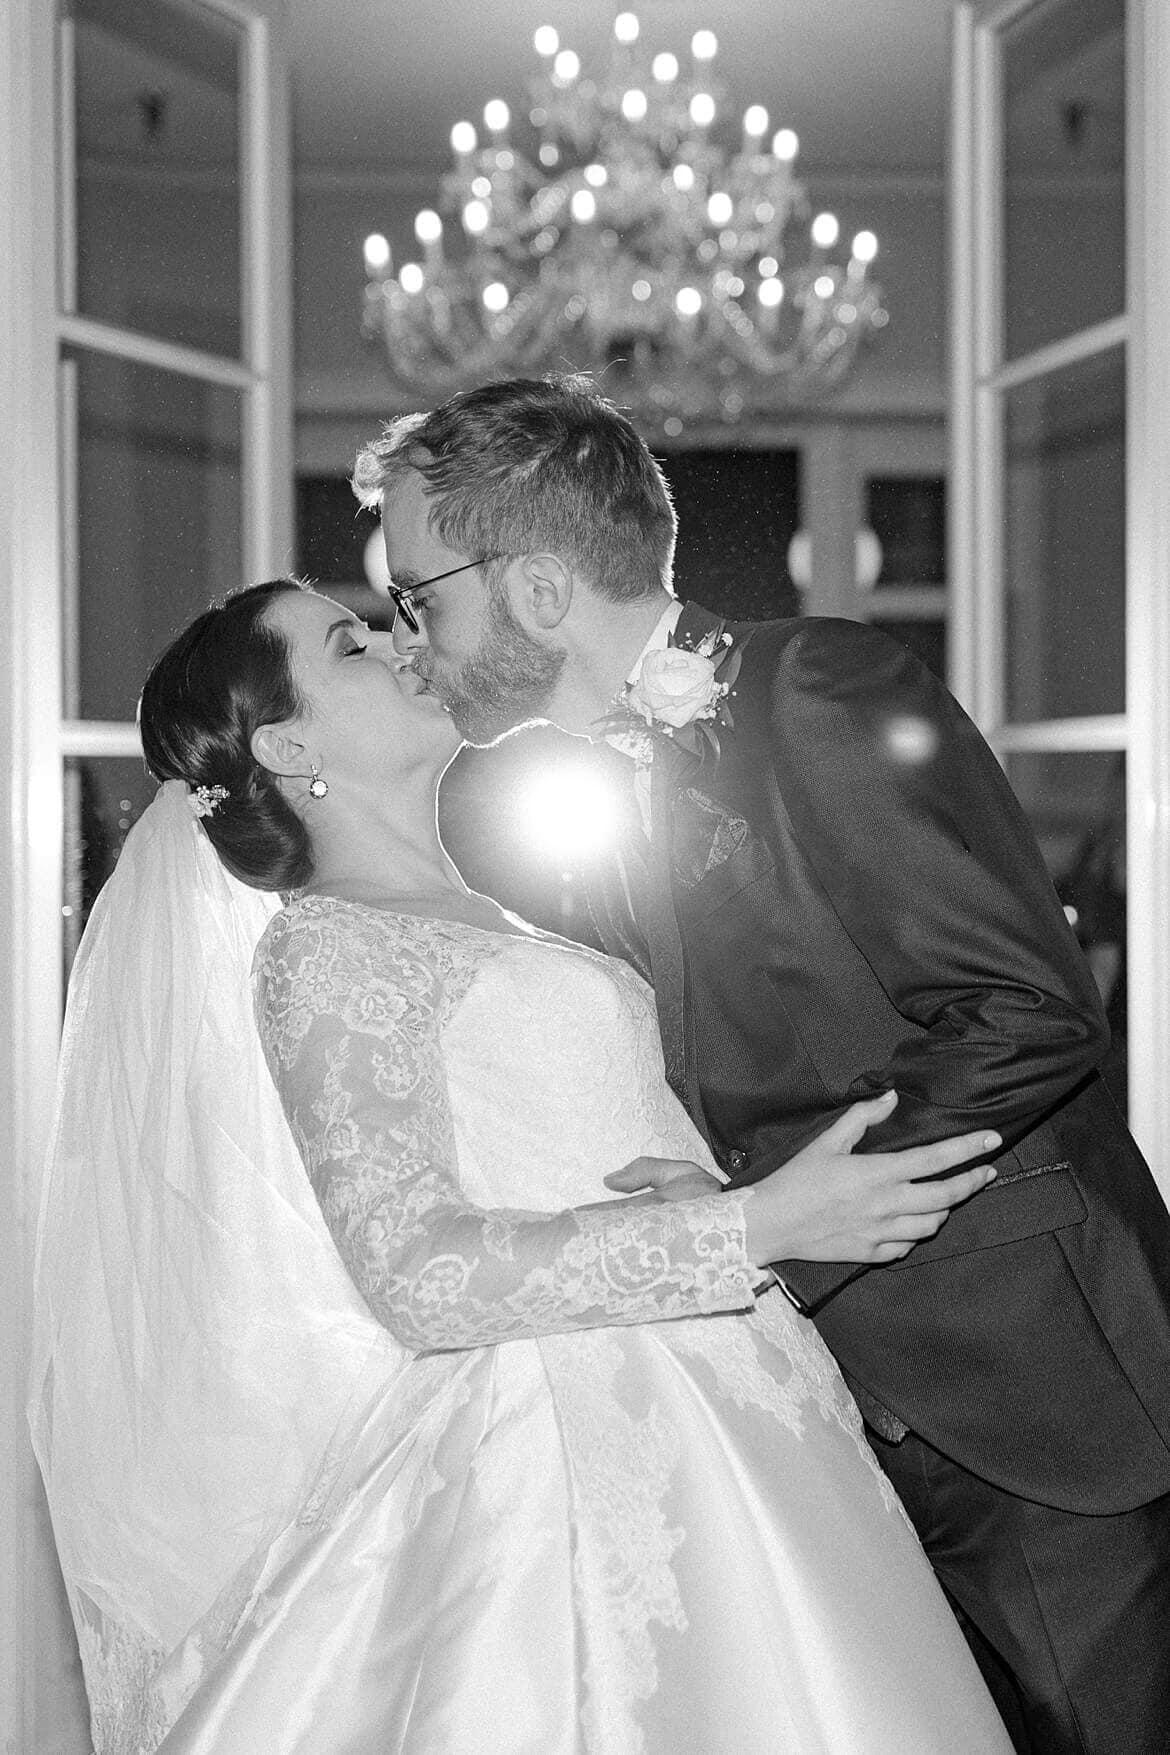 Brautpaar küsst sich im Regen in Schwarz Weiß